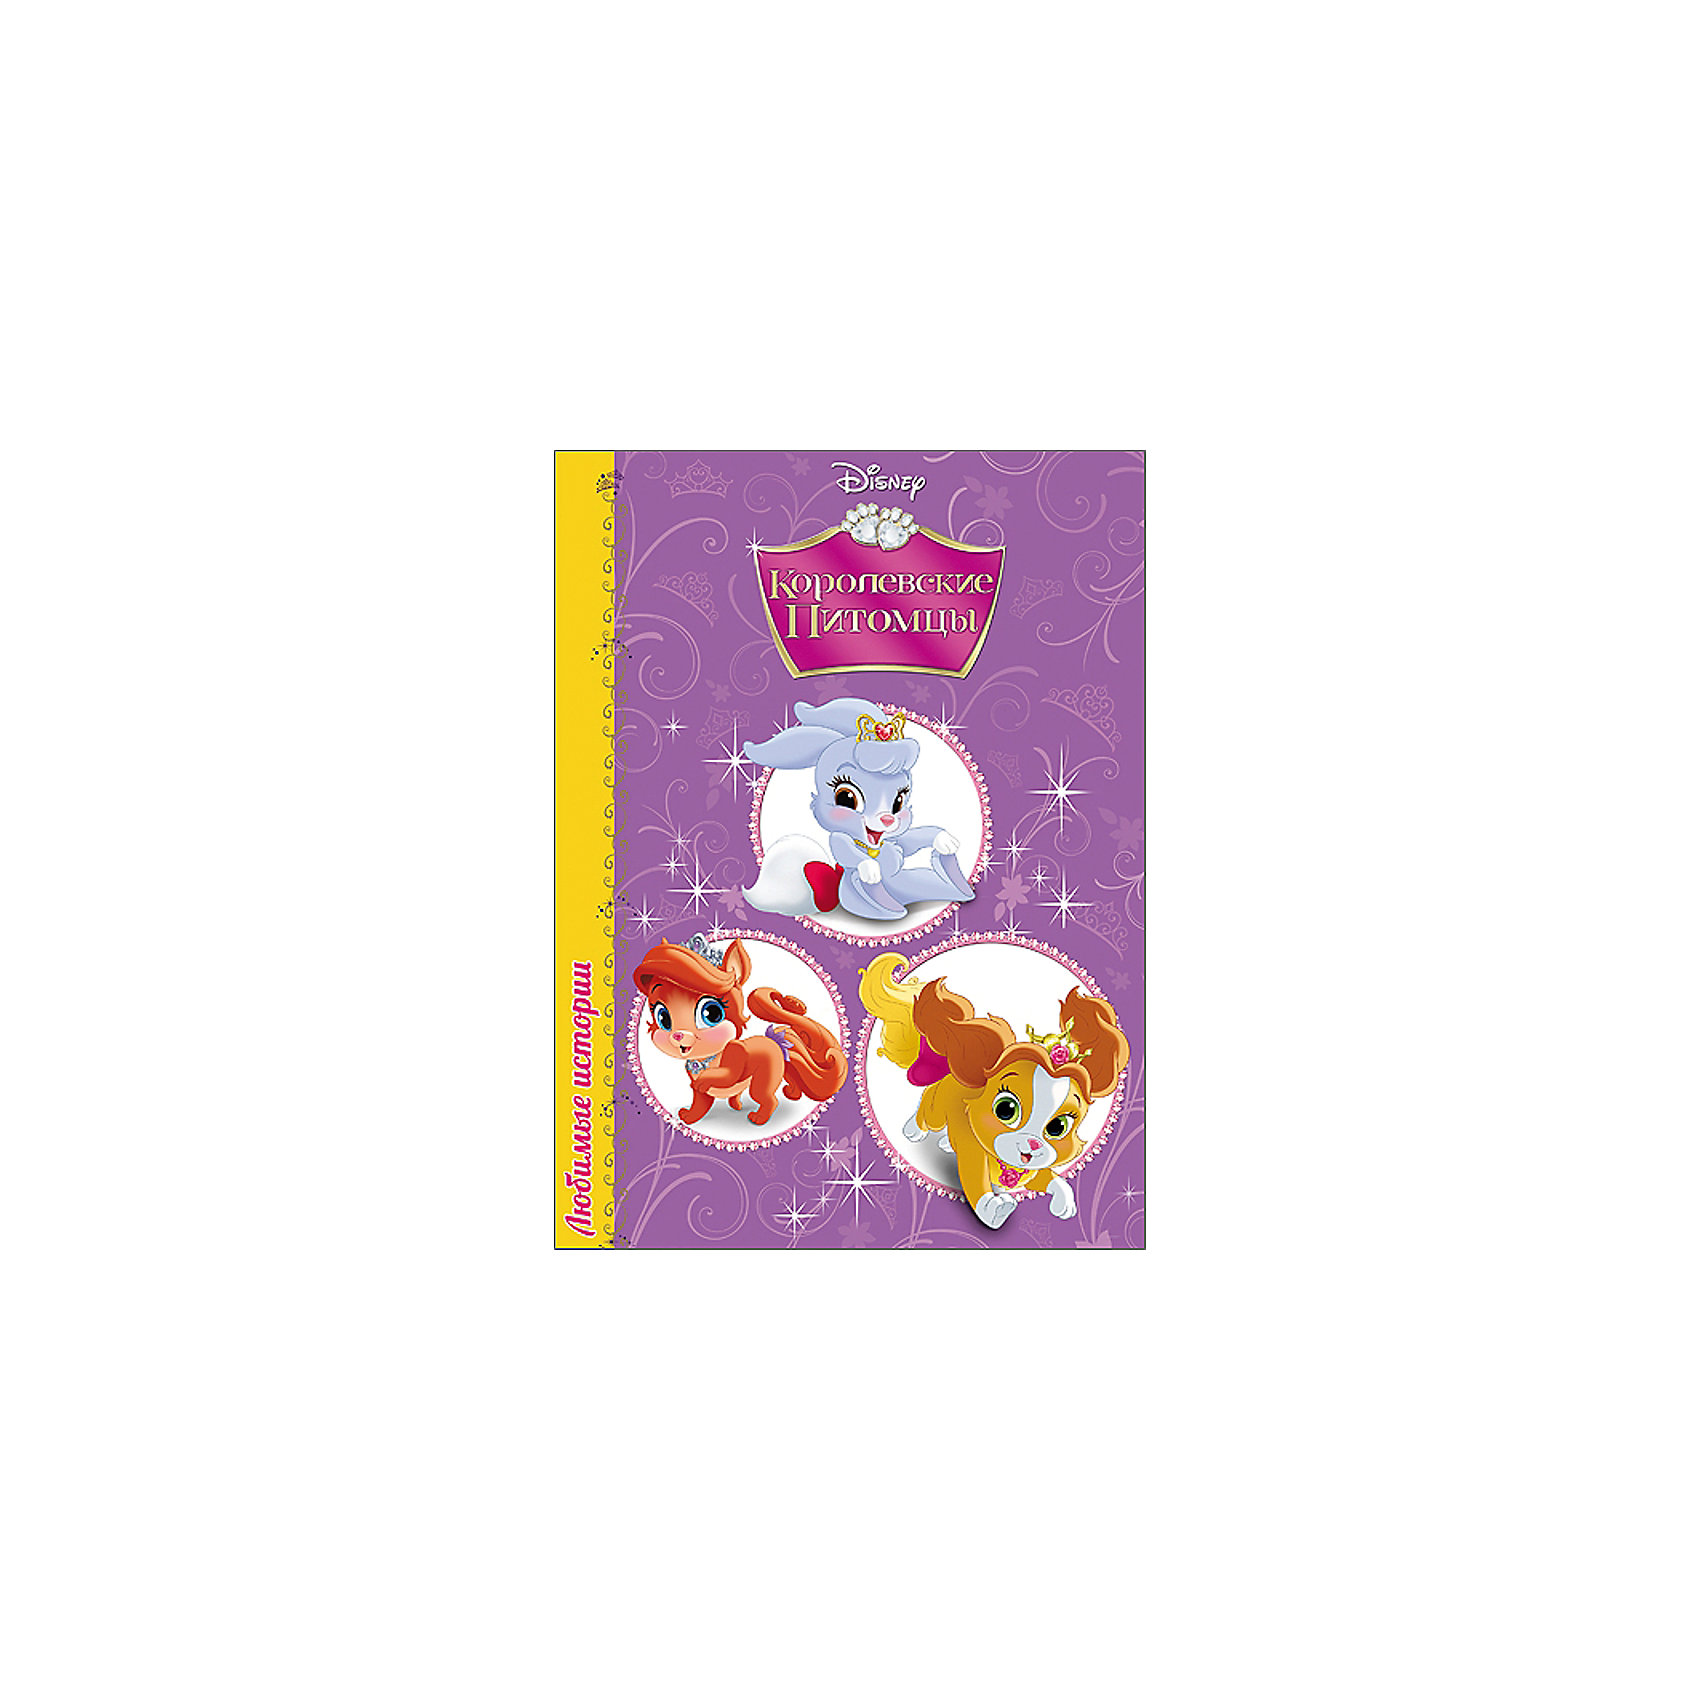 Книга Любимые истории. Королевские питомцыКнига Любимые истории. Королевские питомцы – это красочная книга, на страницах которой откроется целый мир увлекательных историй.<br>Хотела бы ты узнать о невероятных приключениях принцесс и их любимых питомцев? Тогда тебе, несомненно, повезло. Ведь перед тобой книга Disney (Дисней)! Добрые малютки и их хозяйки уже ждут тебя в волшебном мире. Скорее открывай книгу и читай истории Королевских питомцев. Книга оформлена яркими иллюстрациями, имеет плотные картонные страницы, которые удобно переворачивать даже самым юным читательницам.  Для дошкольного возраста.<br><br>Дополнительная информация:<br><br>- Издательство: Проф-Пресс, 2015 г.<br>- Серия: Disney (Дисней). Любимые истории<br>- Переплет: цельнокрытый<br>- Тип обложки: картонная обложка, картонные страницы<br>- Оформление: глянцевая ламинация<br>- Иллюстрации: цветные<br>- Количество страниц: 10<br>- Размер: 218x160x6 мм.<br>- Вес: 138 гр.<br><br>Книгу Любимые истории. Королевские питомцы можно купить в нашем интернет-магазине.<br><br>Ширина мм: 160<br>Глубина мм: 5<br>Высота мм: 220<br>Вес г: 140<br>Возраст от месяцев: 36<br>Возраст до месяцев: 72<br>Пол: Женский<br>Возраст: Детский<br>SKU: 4500277